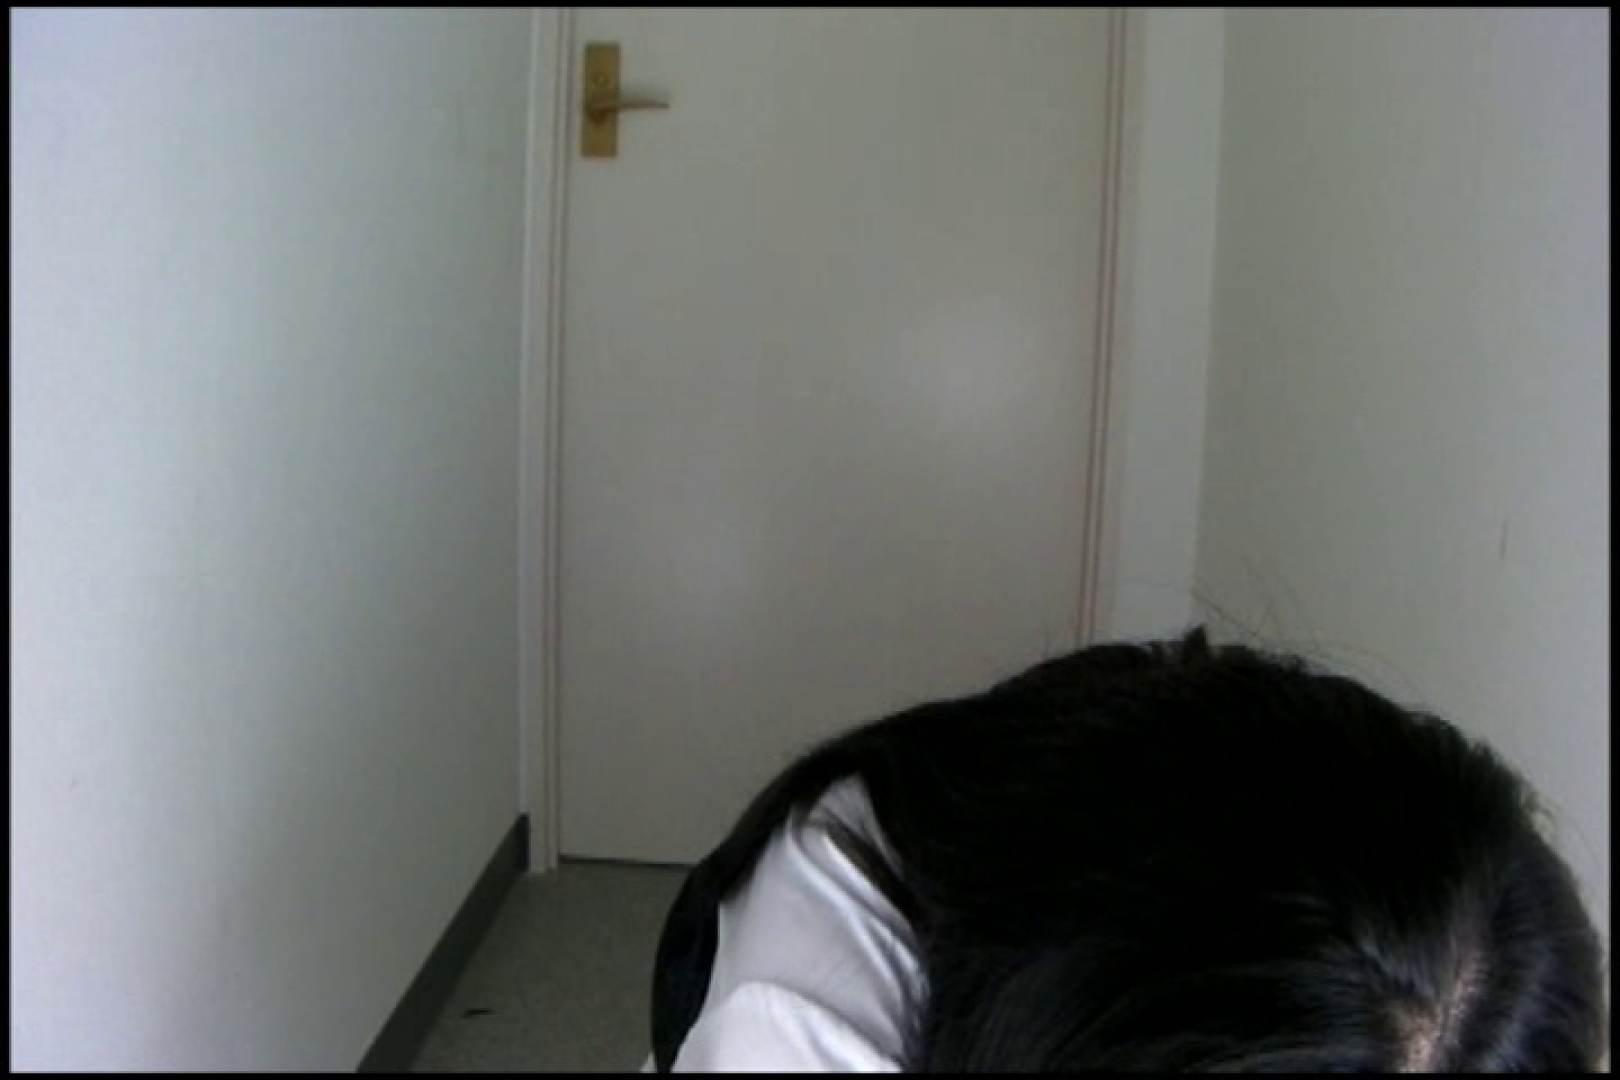 和式にまたがる女たちを待ちうけるカメラの衝撃映像vol.04 黄金水  84PIX 65